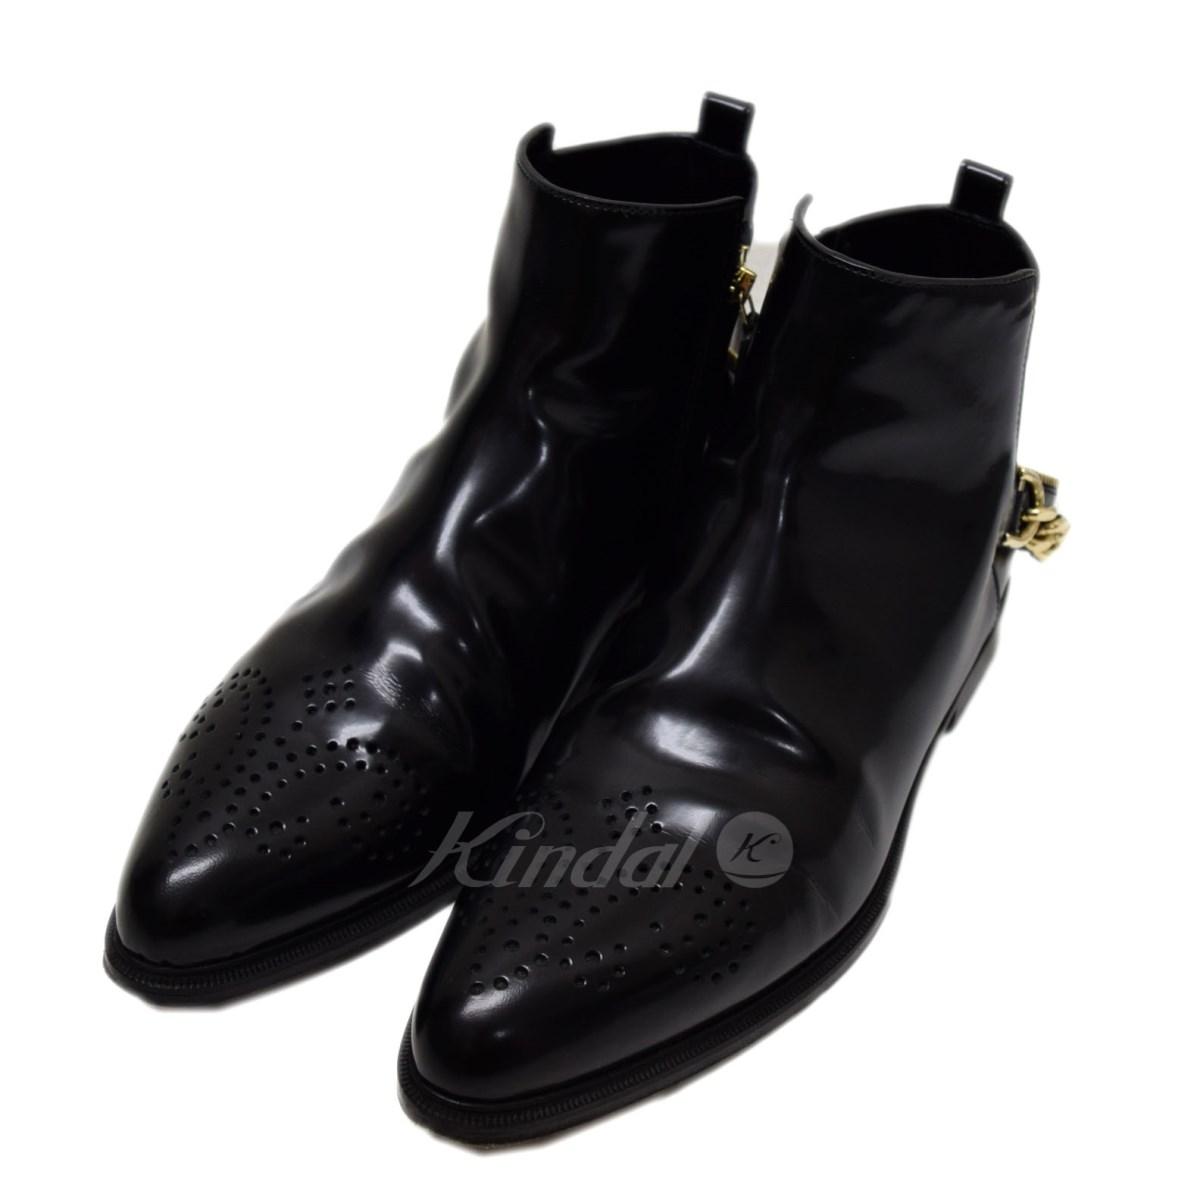 【中古】LANVIN チェーンサイドジップブーツ ブラック サイズ:40 【送料無料】 【281018】(ランバン)